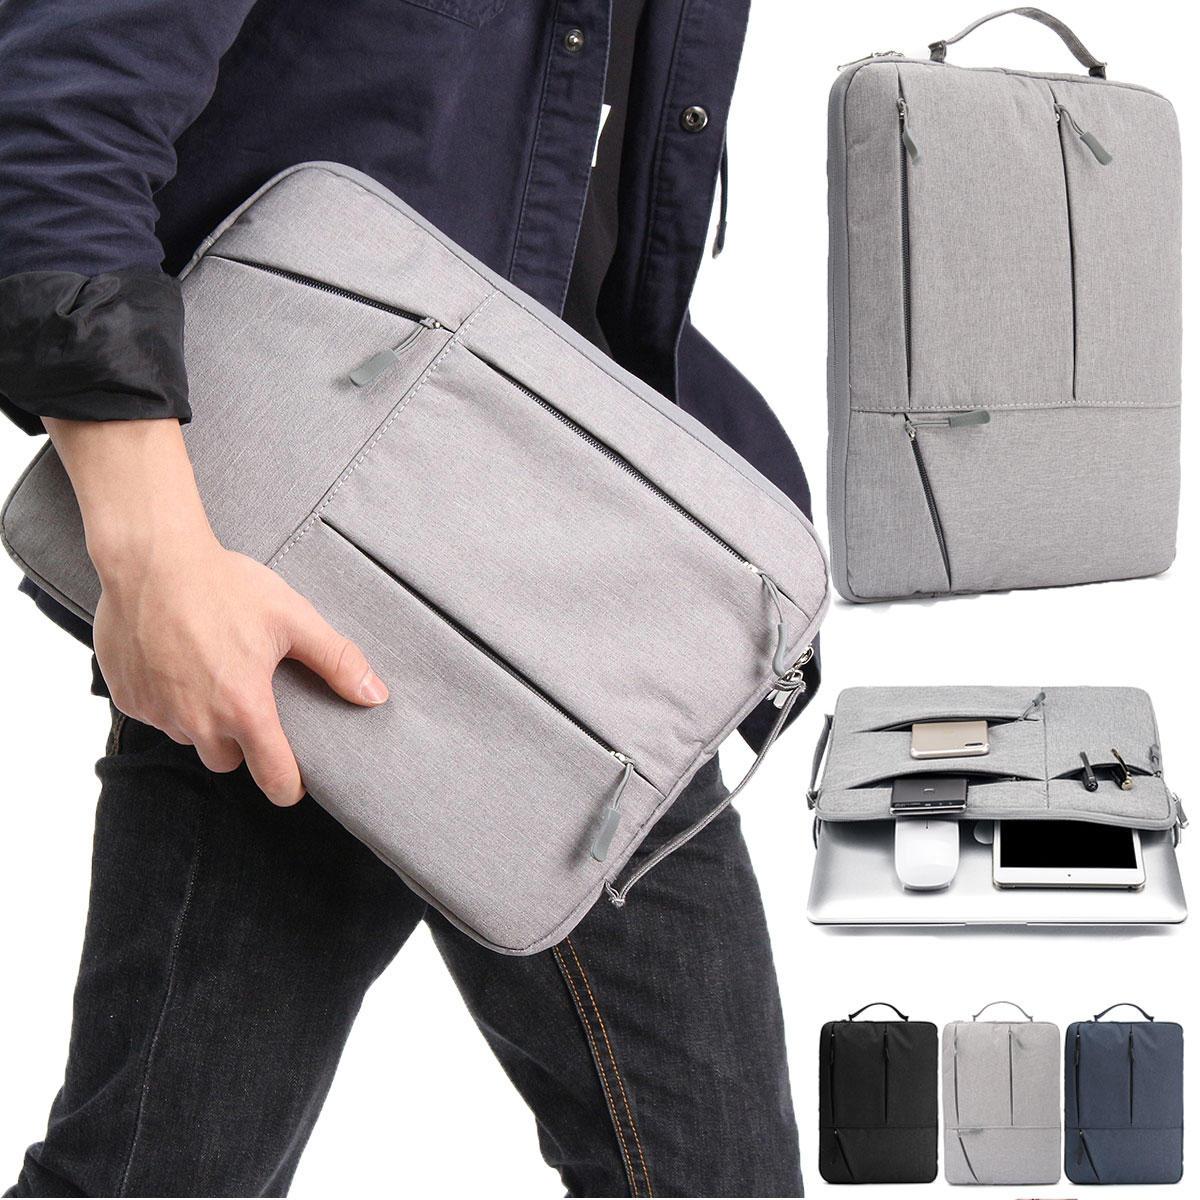 Máy tính xách tay 15 inch tay áo Oxford Túi bảo vệ trường hợp Túi đựng máy tính xách tay